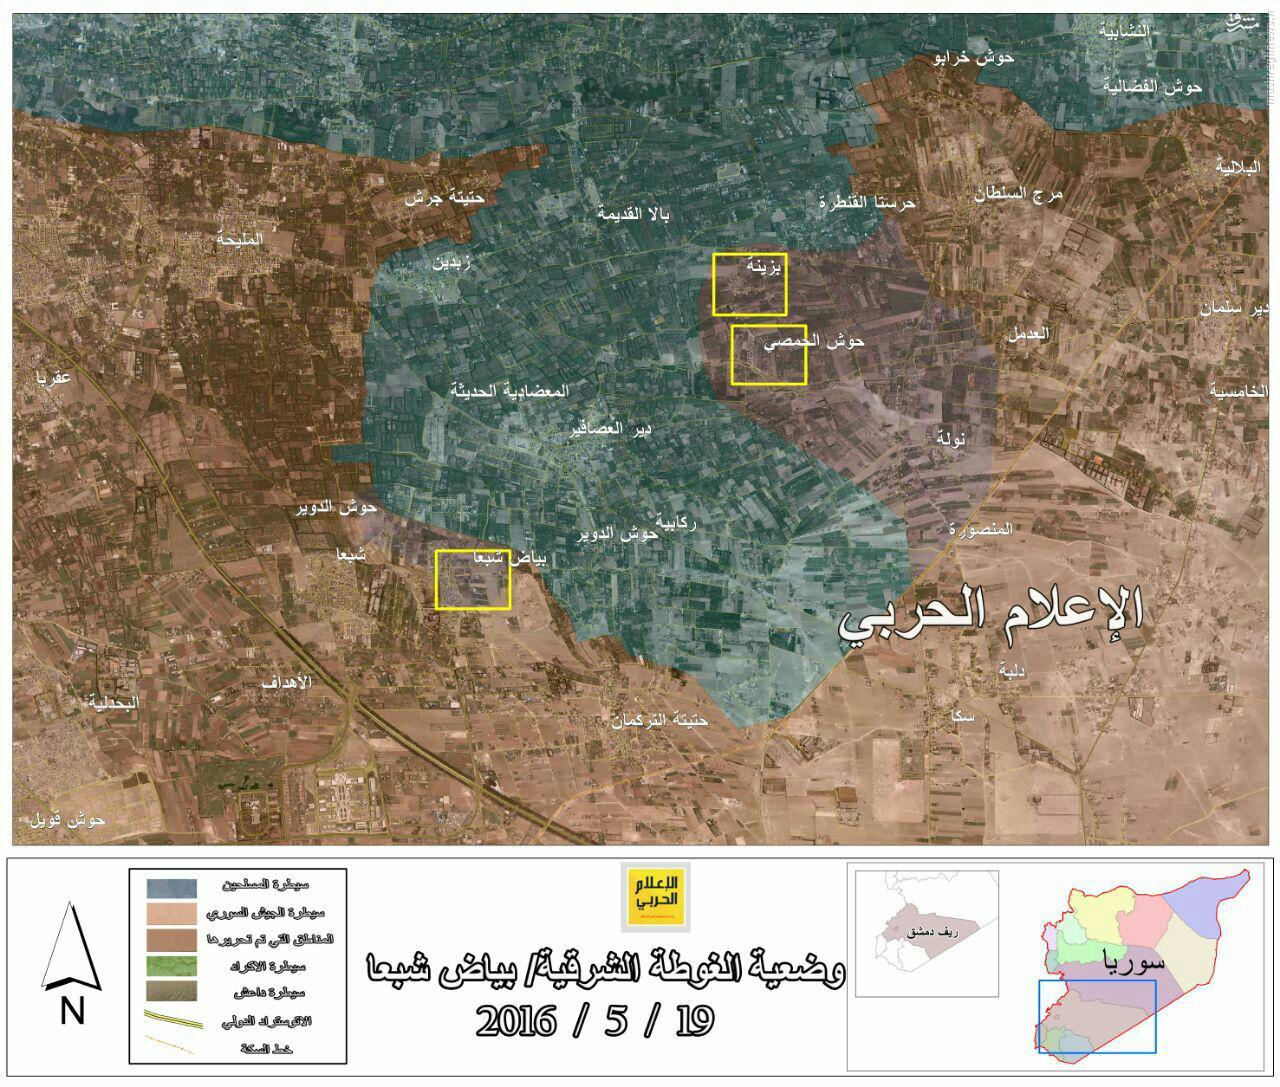 آخرین اخبار از غوطه شرقی دمشق+عکس